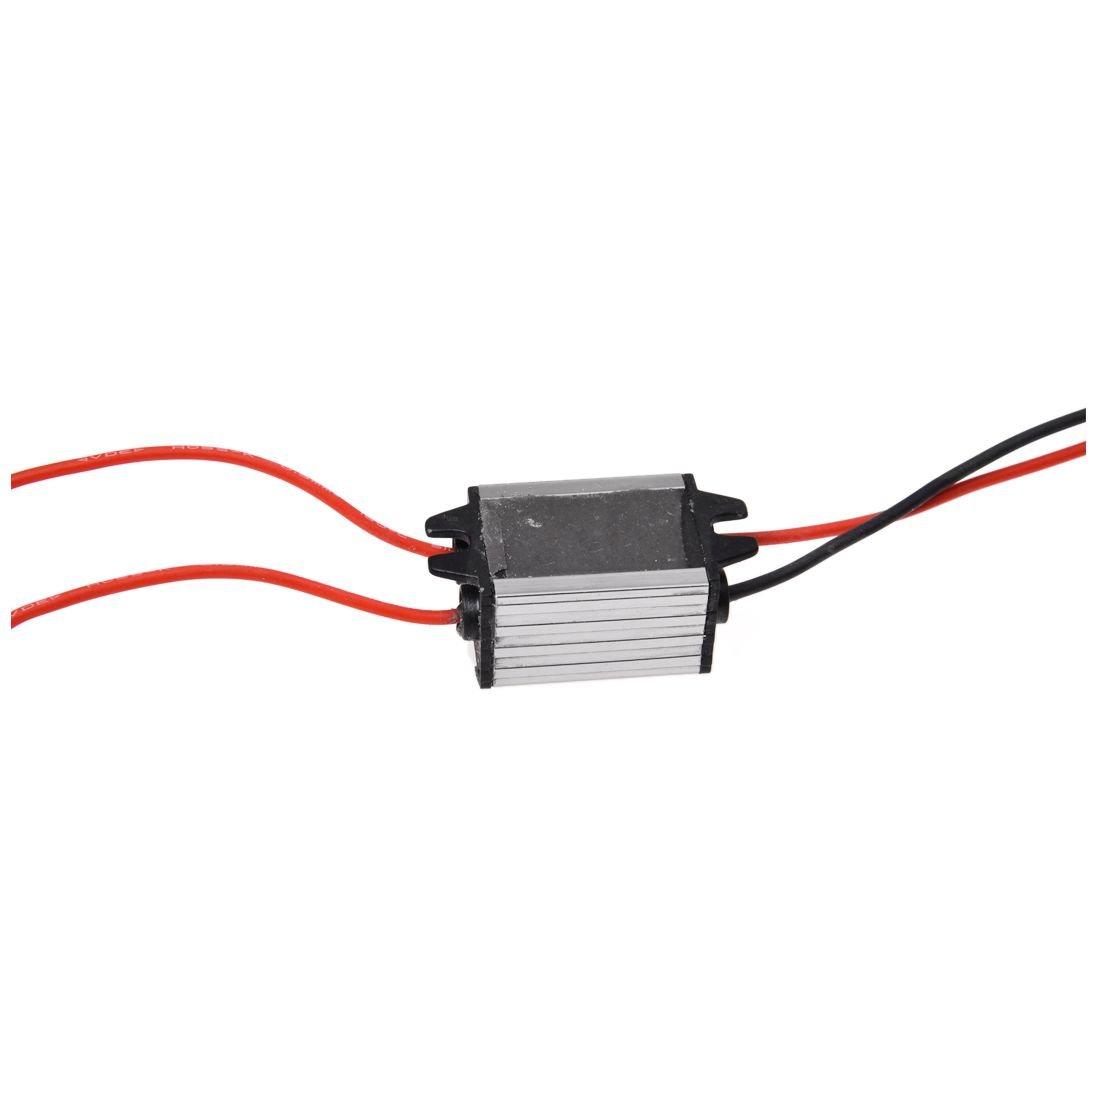 RETYLY 2 x transformateur Driver de LED Transformateur dalimentation avec Cable de Connexion Impermeable